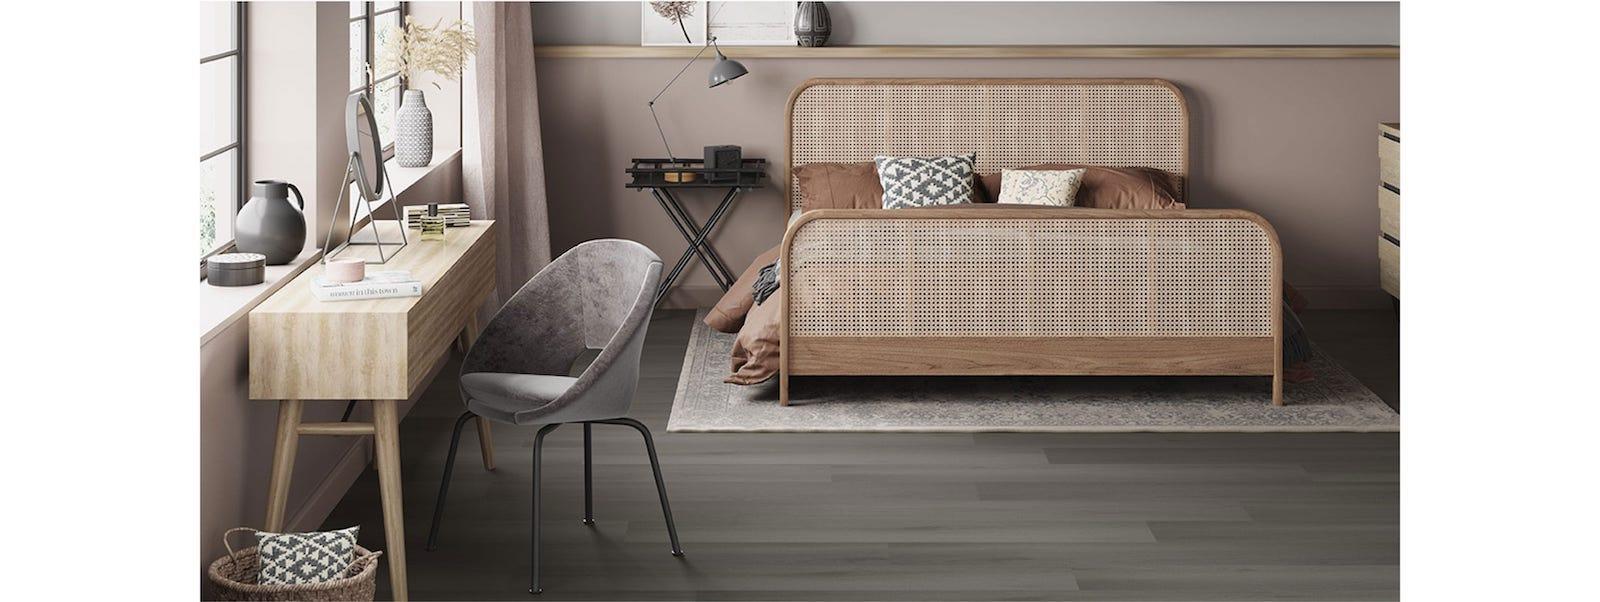 rattan bedroom with desK